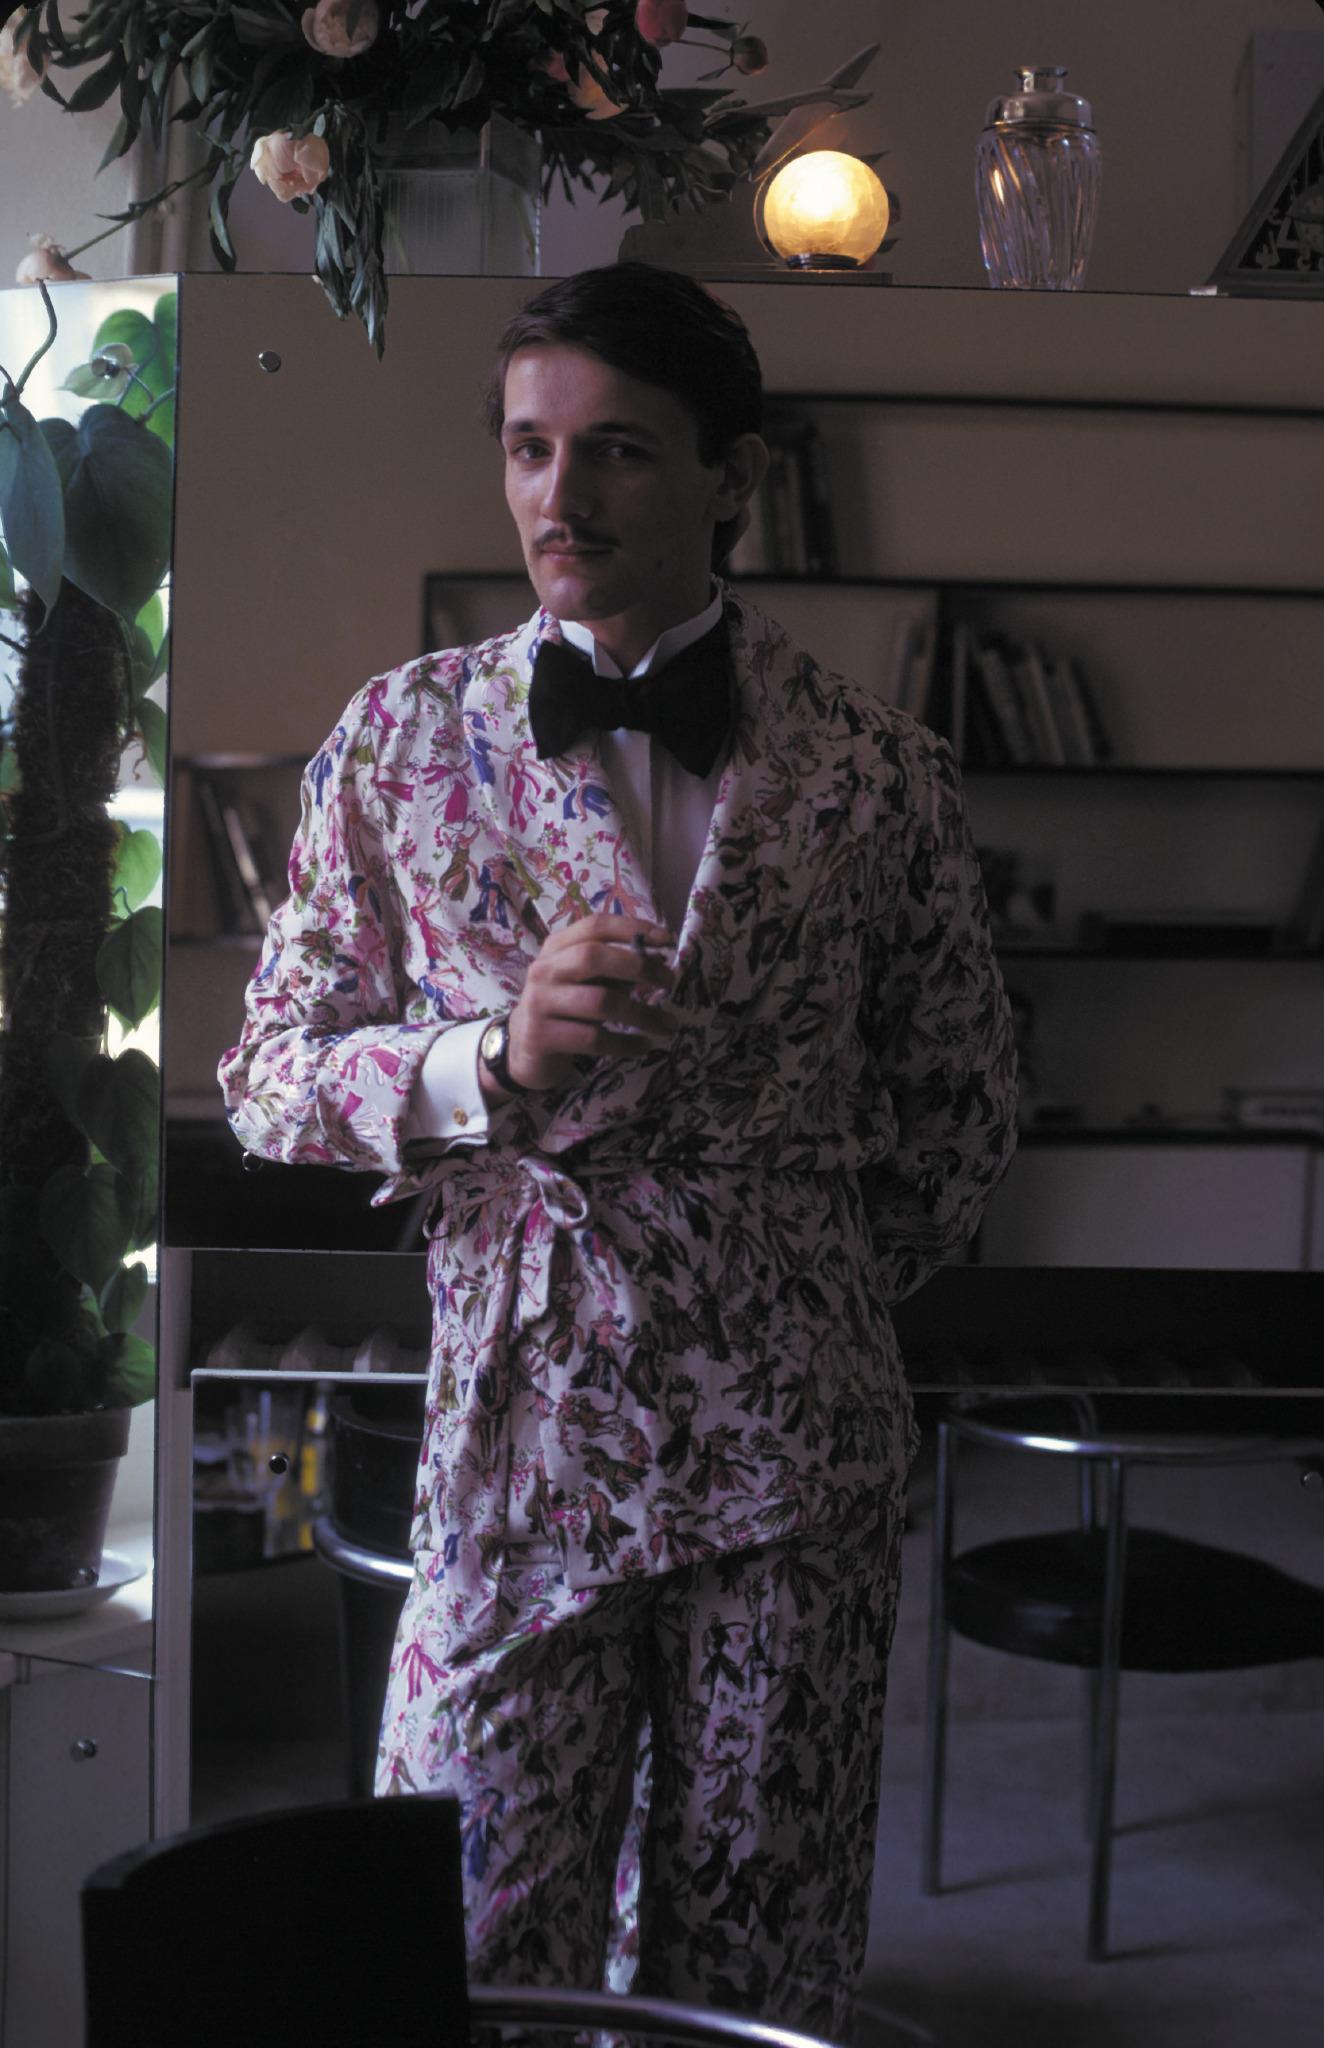 Jacques De Bascher Dandy De L'ombre : jacques, bascher, dandy, l'ombre, Scandalous, Story, Jacques, Bascher,, Lagerfeld's, Former, Boyfriend